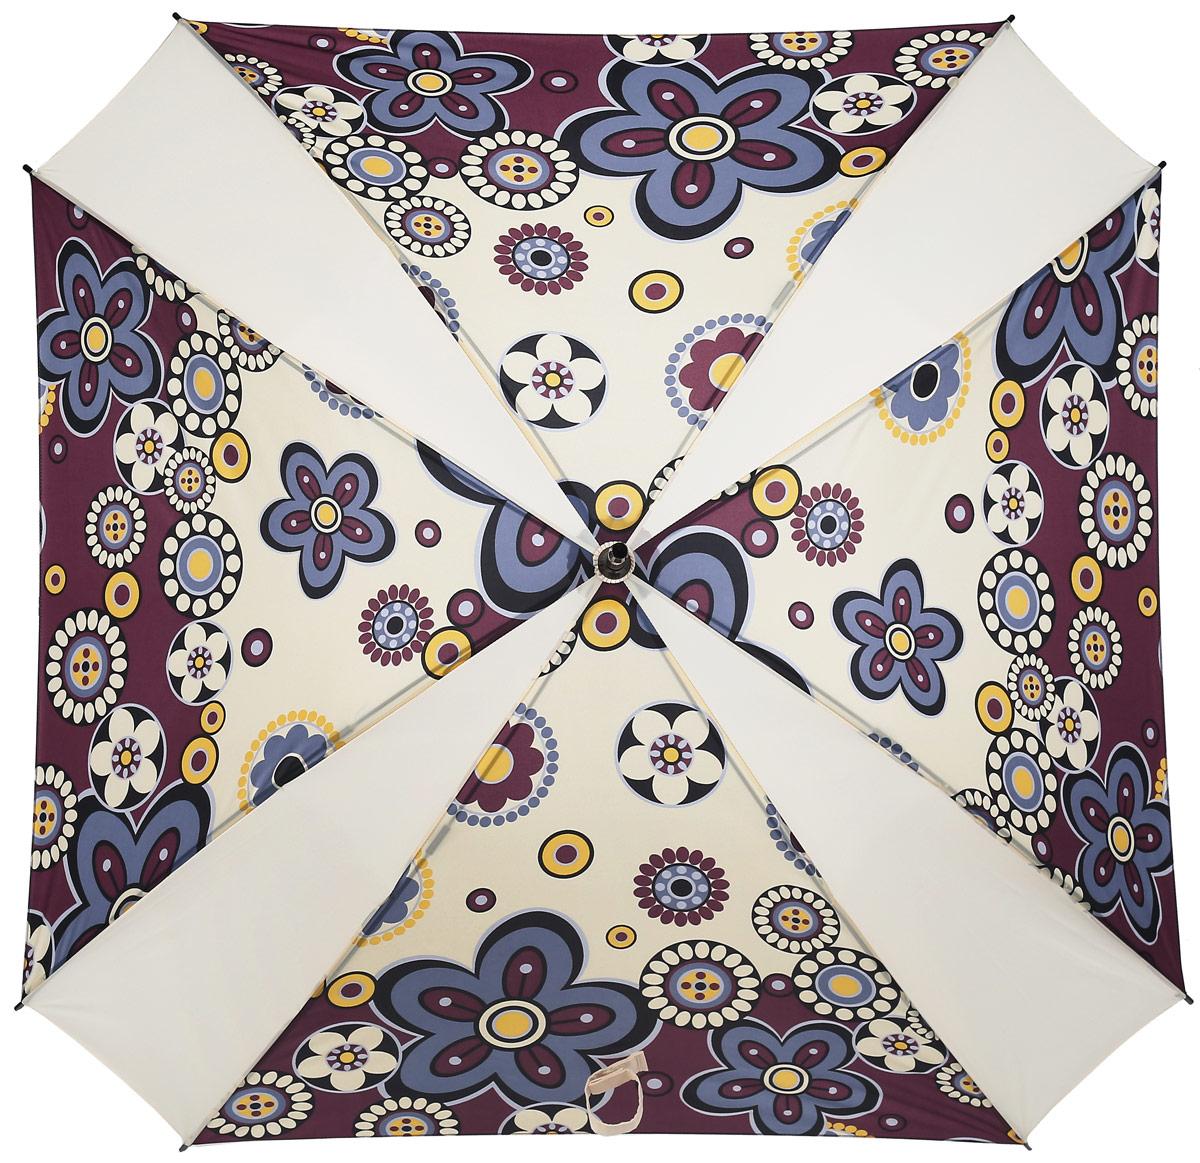 Зонт-трость женский Reisenthel, цвет: бежевый. YM3008CX1516-50-10Ни снег, ни проливной дождь не страшны, когда с вами ваш надежный друг - красивый зонт-трость. А надежен он благодаря своей инновационной форме в виде октагона - фигуры с 8 углами. У зонта гибкие спицы со специальными пружинами, которые не сломаются. При сильном ветре зонт просто вывернется наизнанку. А вот острый наконечник и ручка, которая позволяет повесить зонт - самые что ни на есть классические, удобные и красивые. Чтобы просушить его, просто оставьте открытым (пожалуйста, не сворачивайте зонт, пока он мокрый).